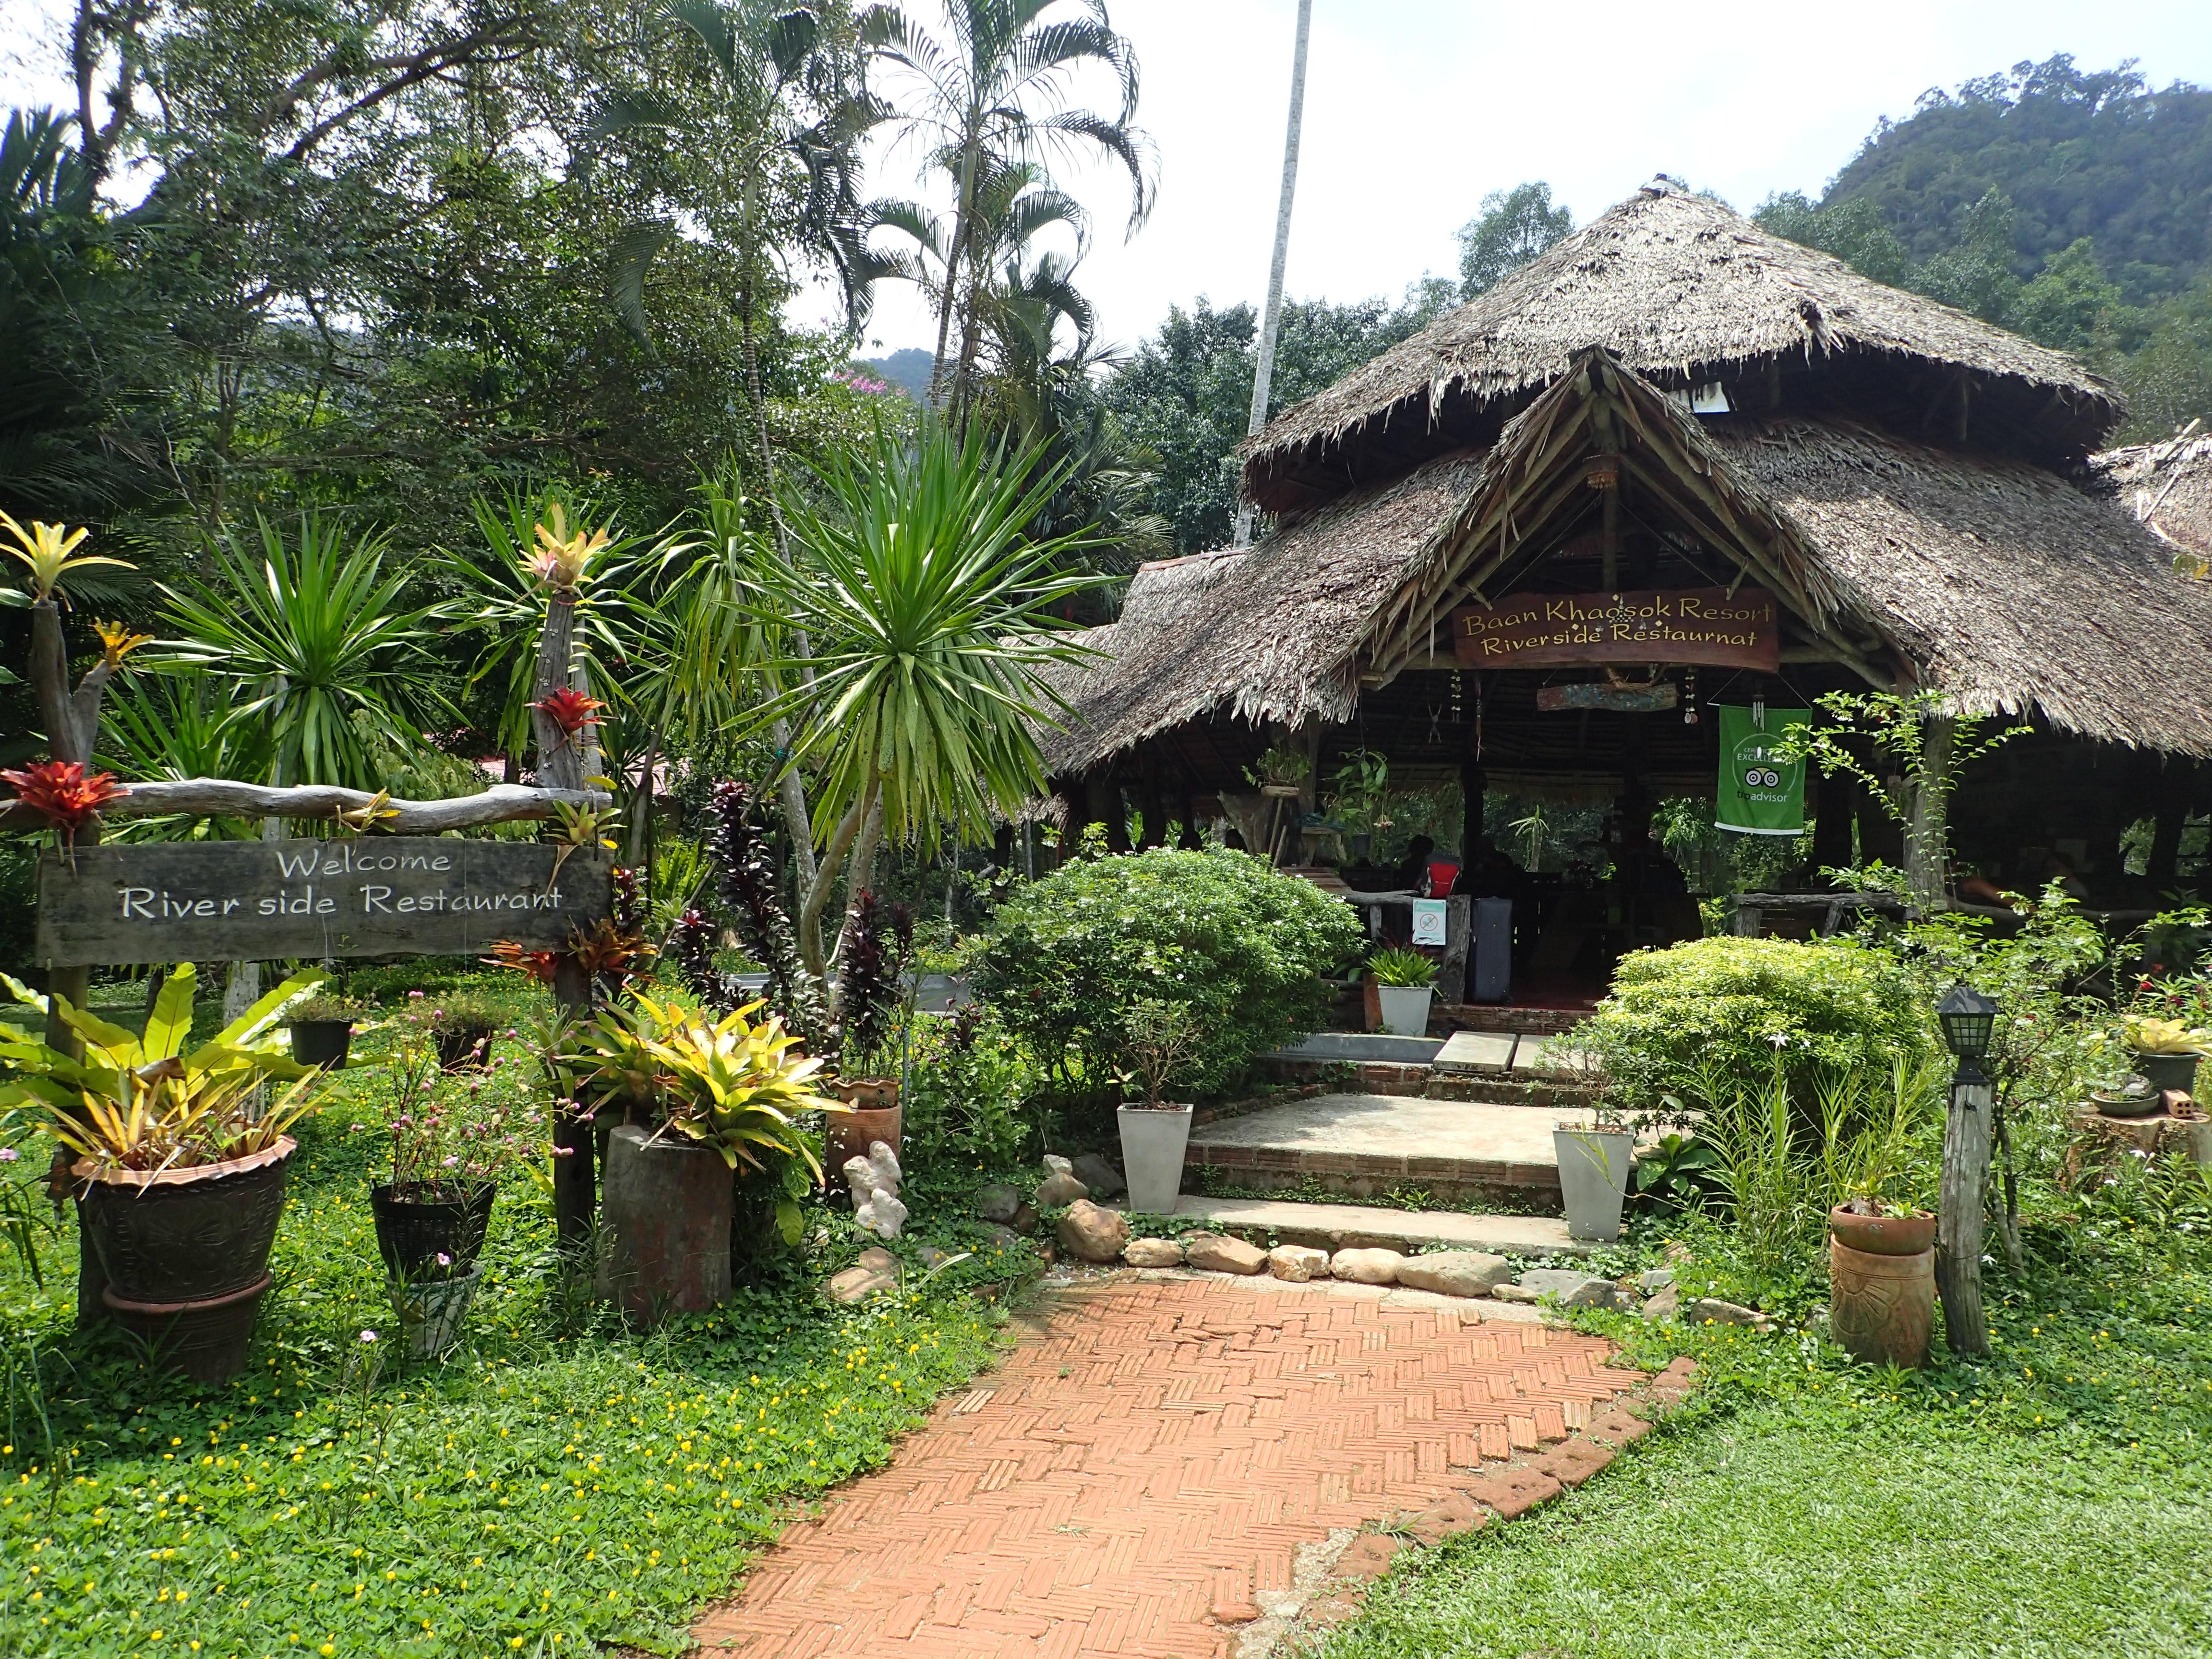 Dschungel Restaurant mit Kamala Dive Service